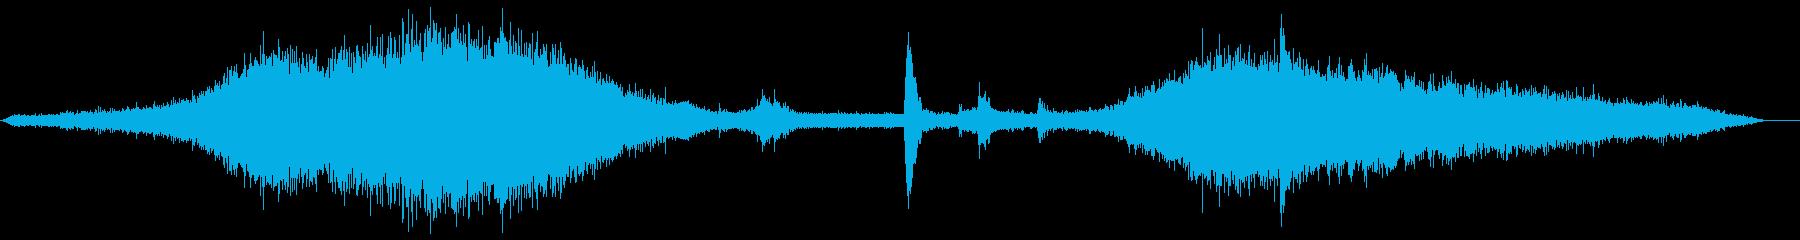 ボケリア市場の再生済みの波形